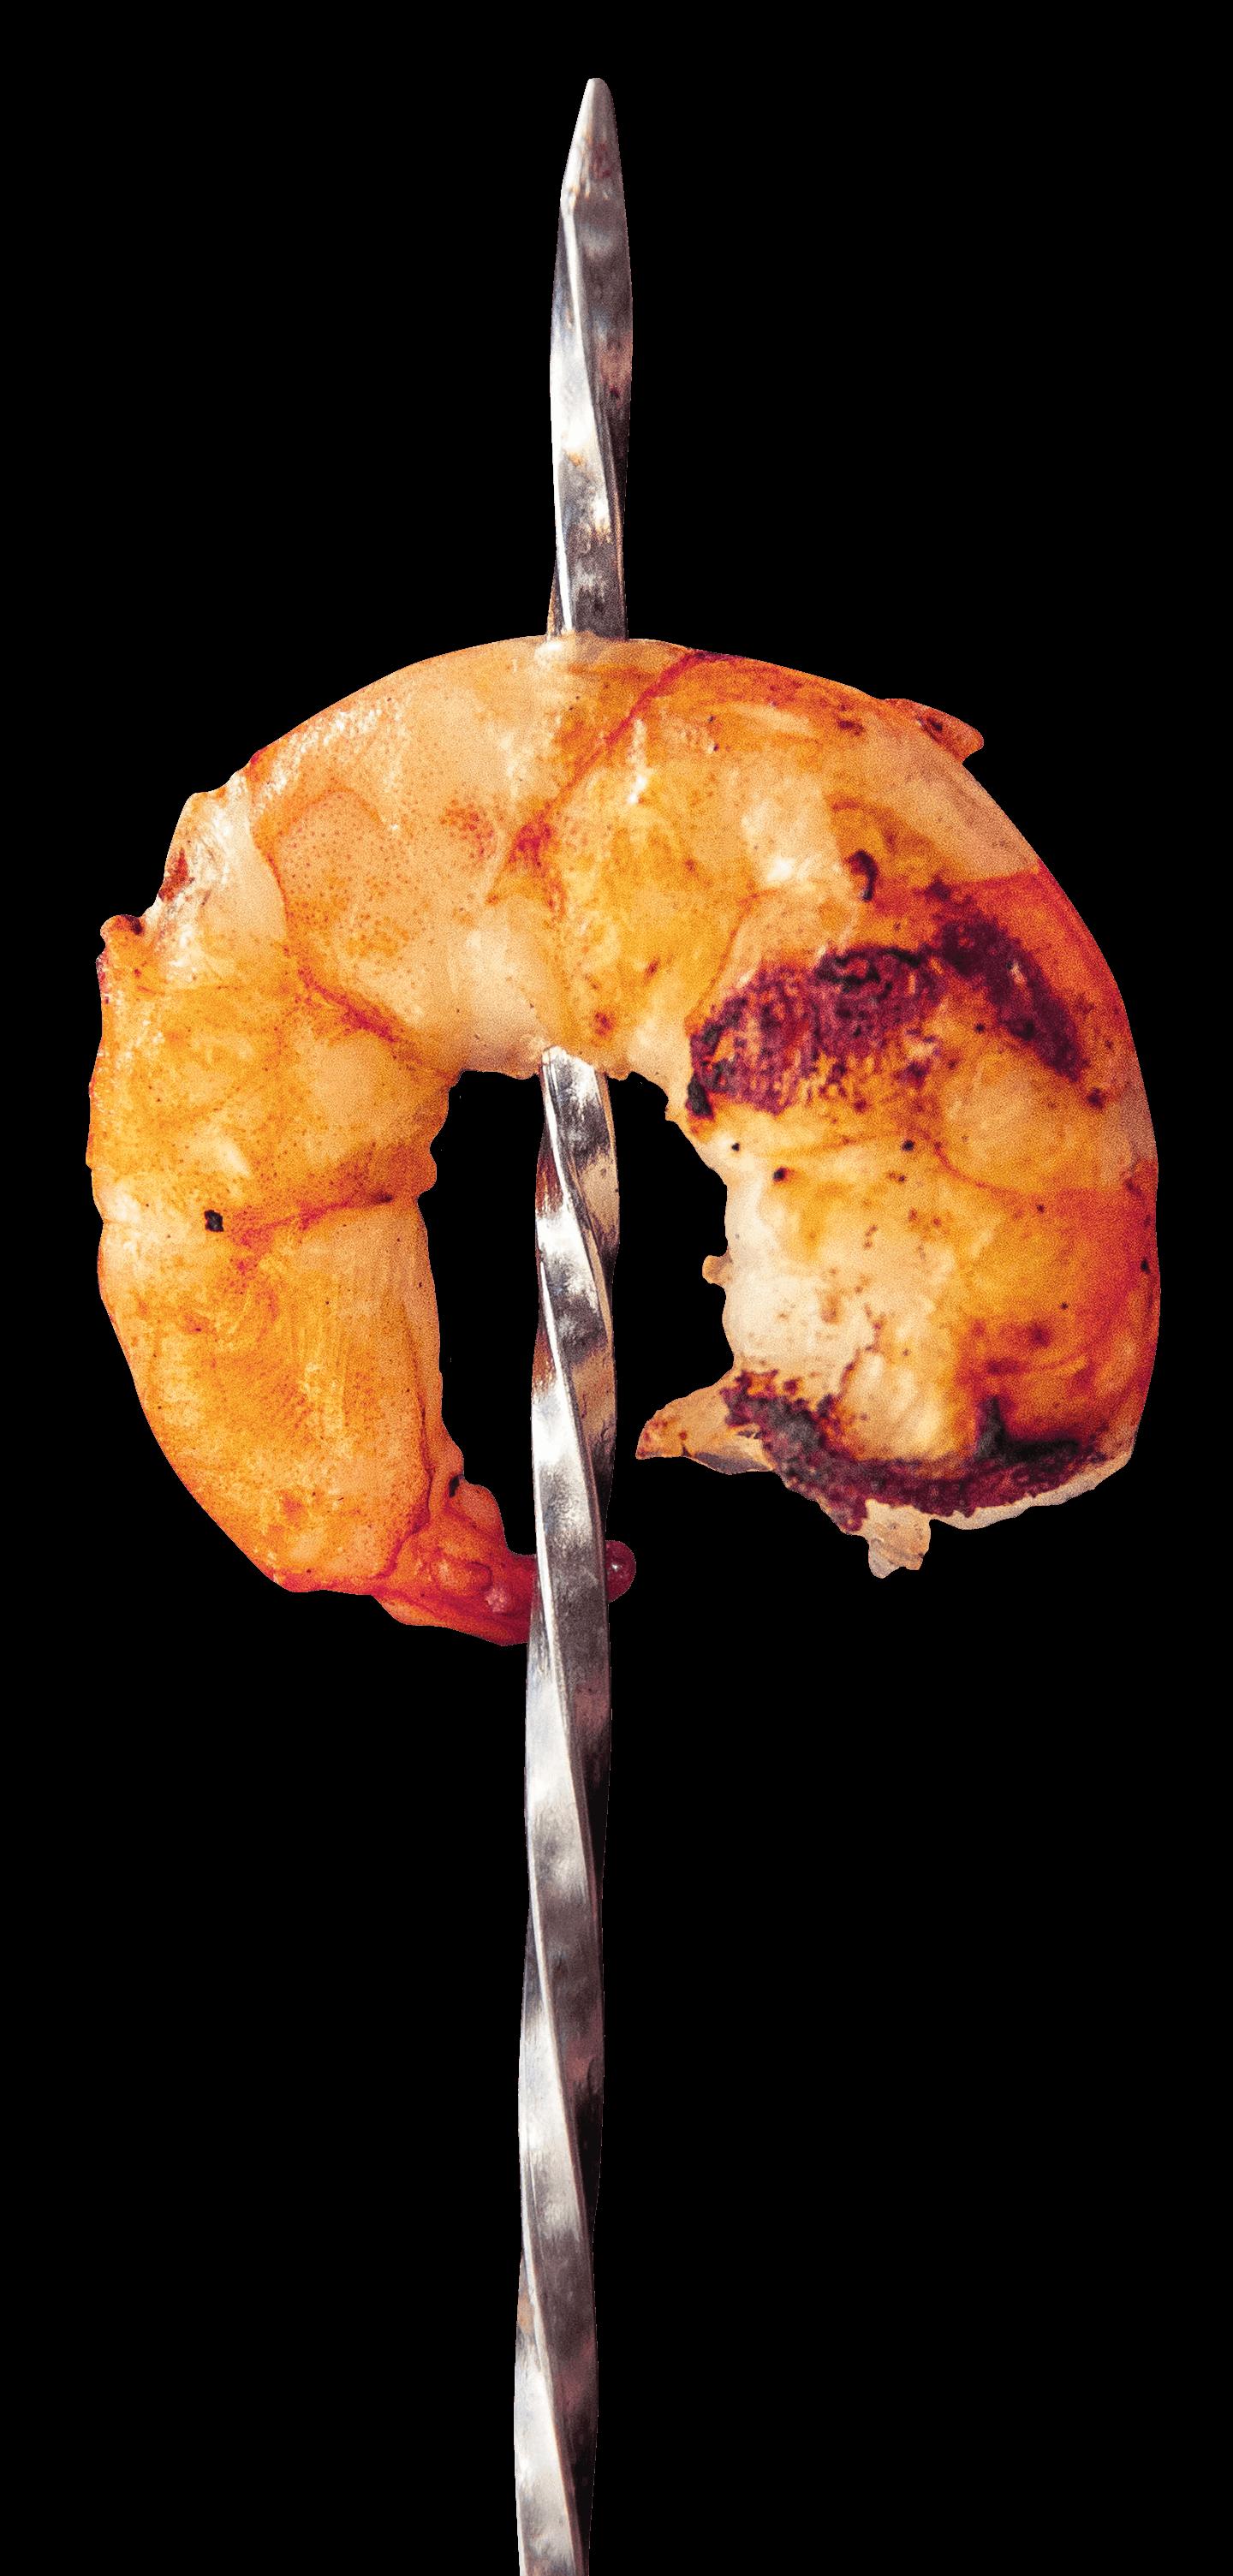 Single shrimp on skewer